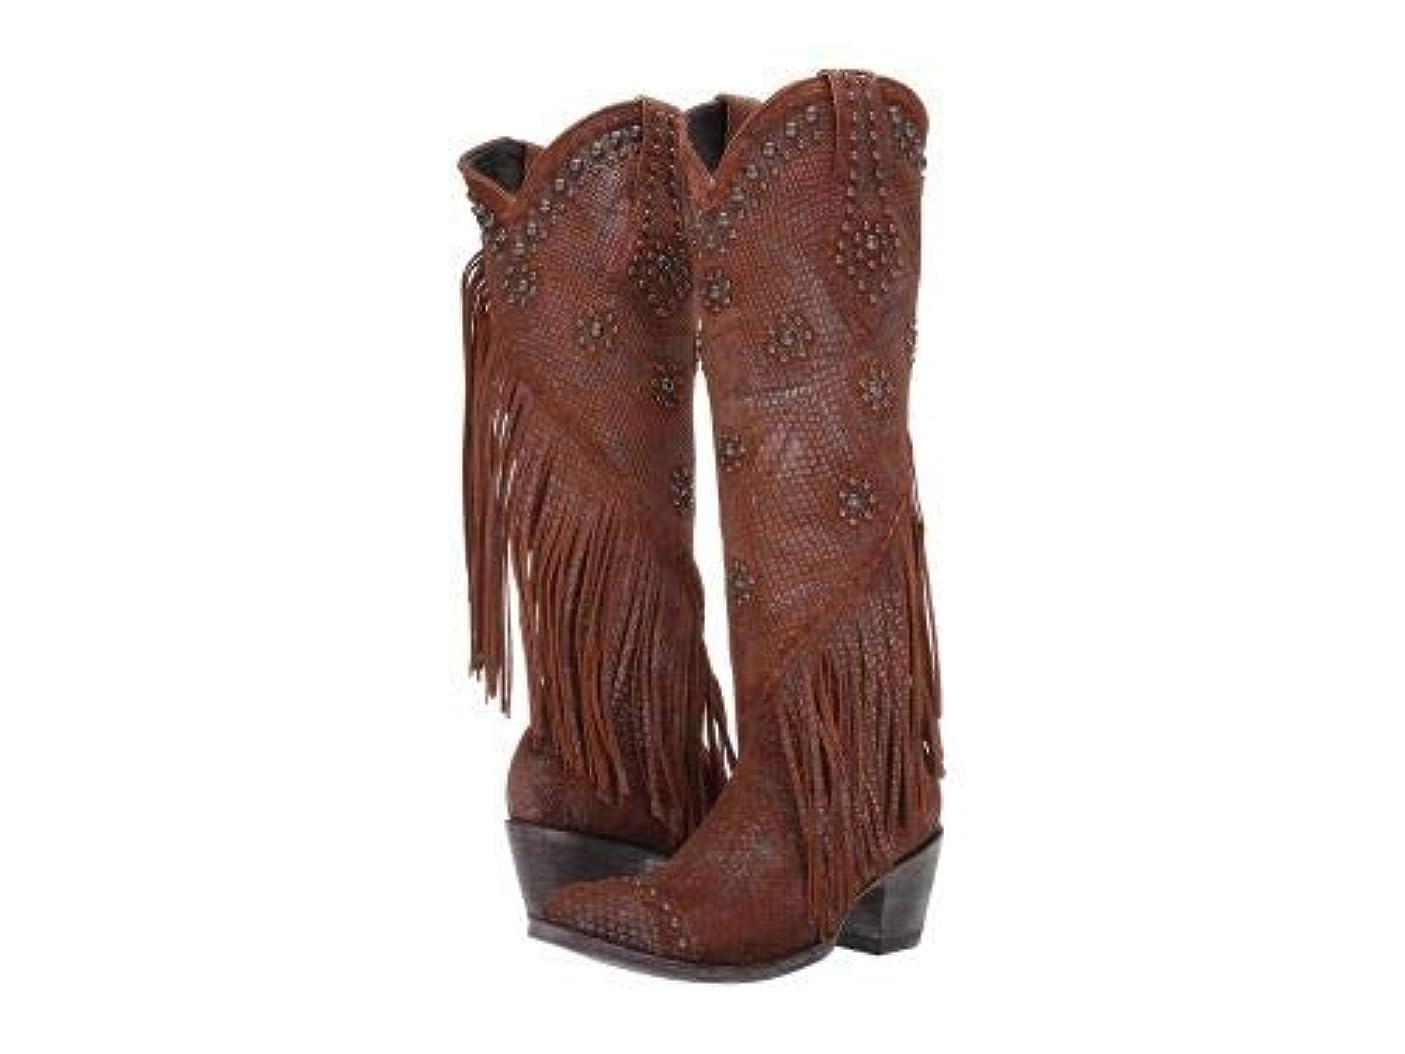 州残る信じるOld Gringo(オールドグリンゴ) レディース 女性用 シューズ 靴 ブーツ ウエスタンブーツ Savannah Tall - Gold/Rust [並行輸入品]